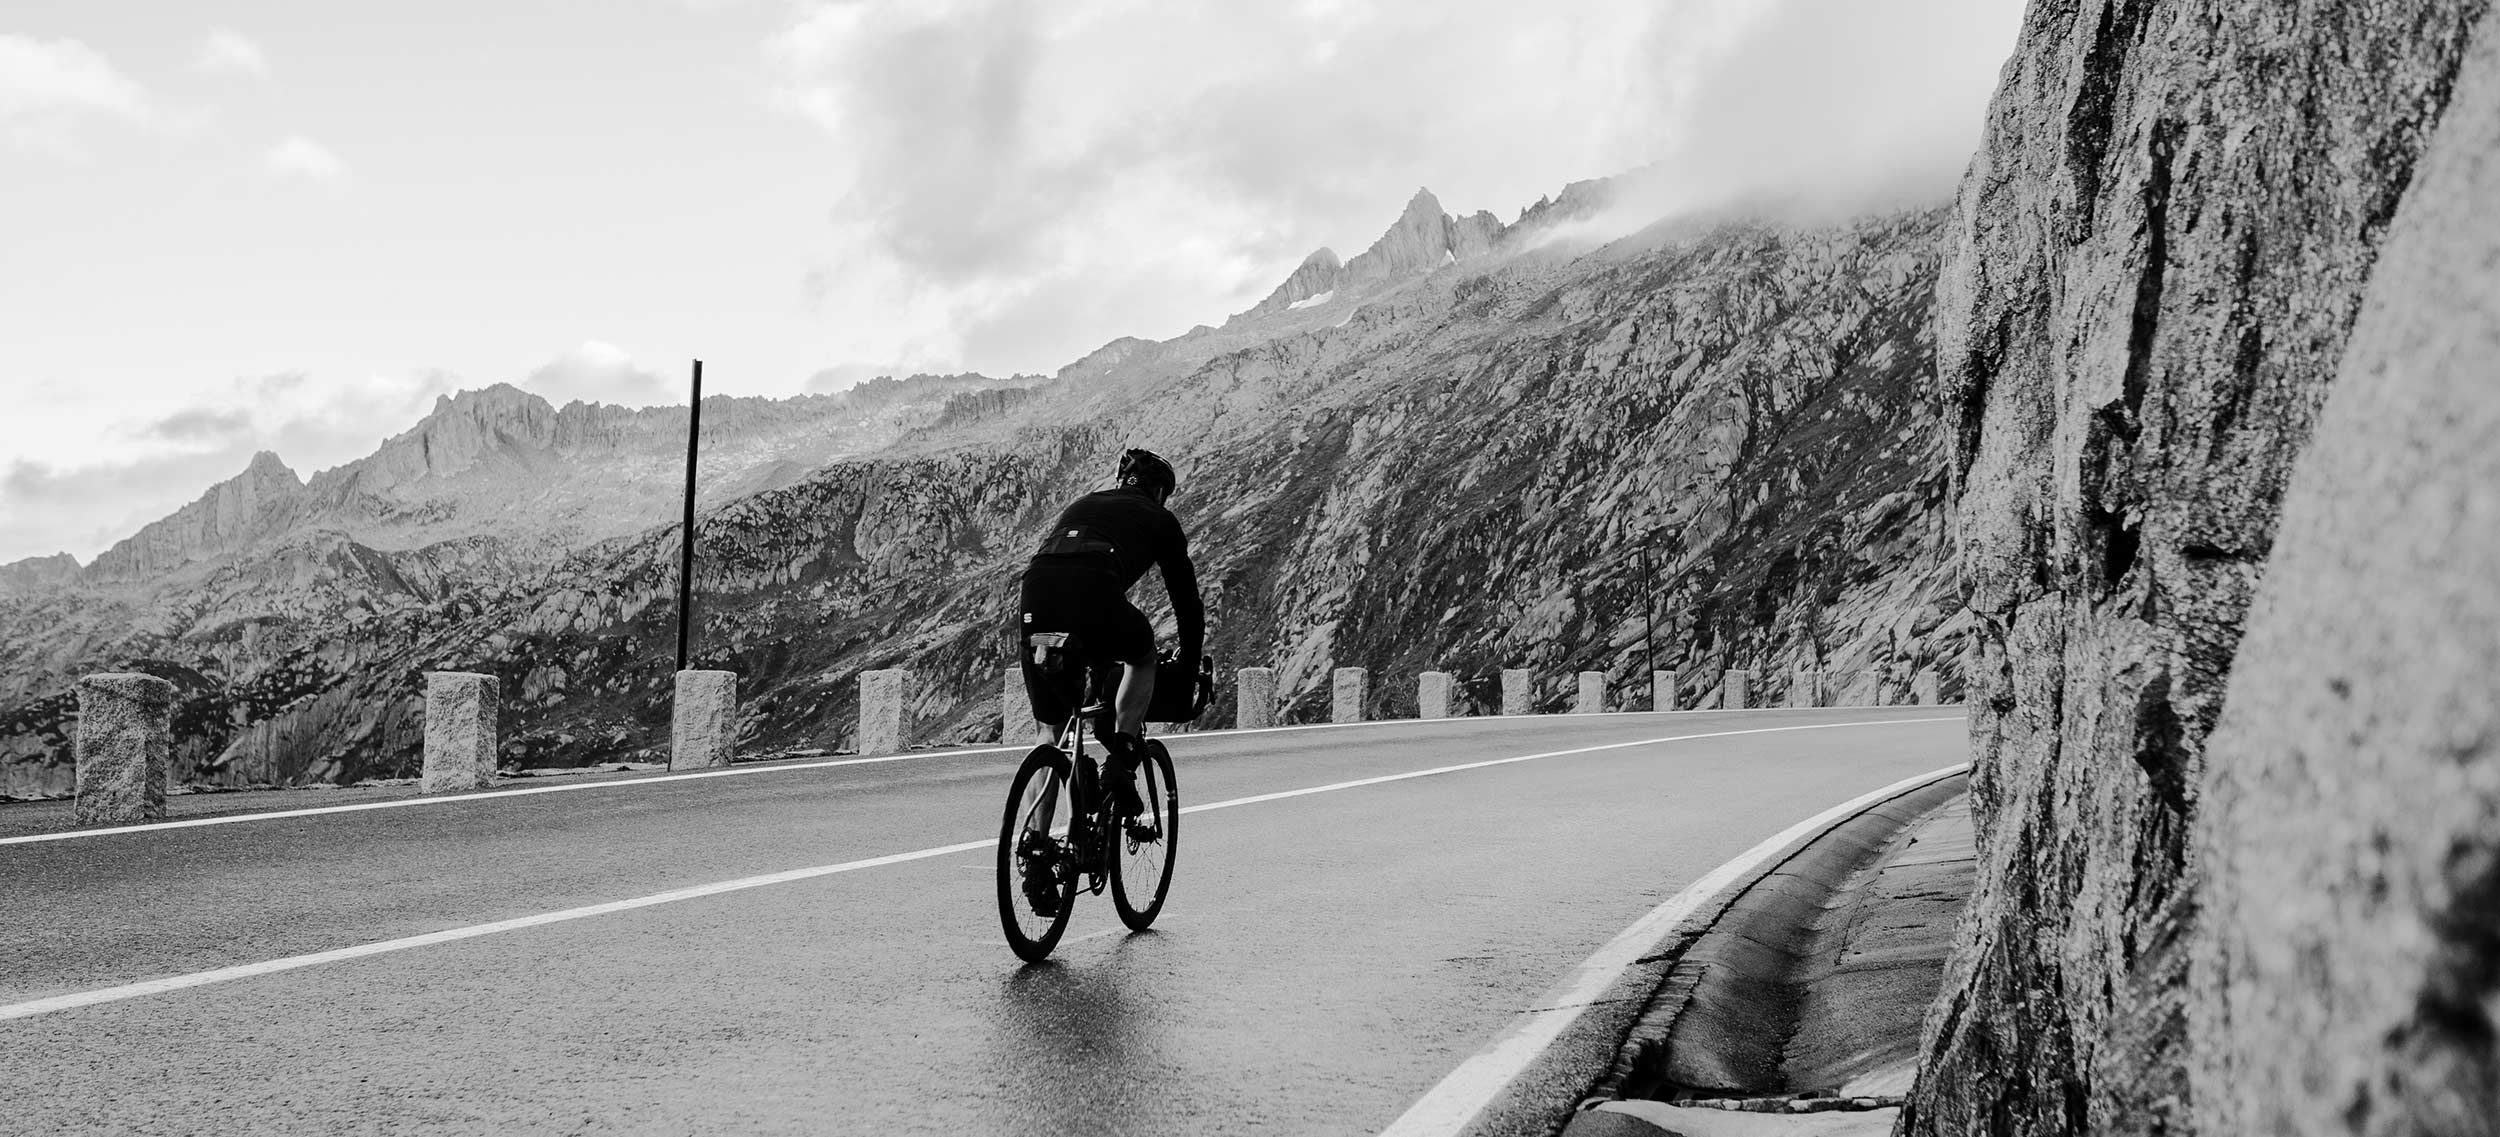 Ein Mann in einem Bikepacking-Rennen durch eine Straße, umgeben von Bergen